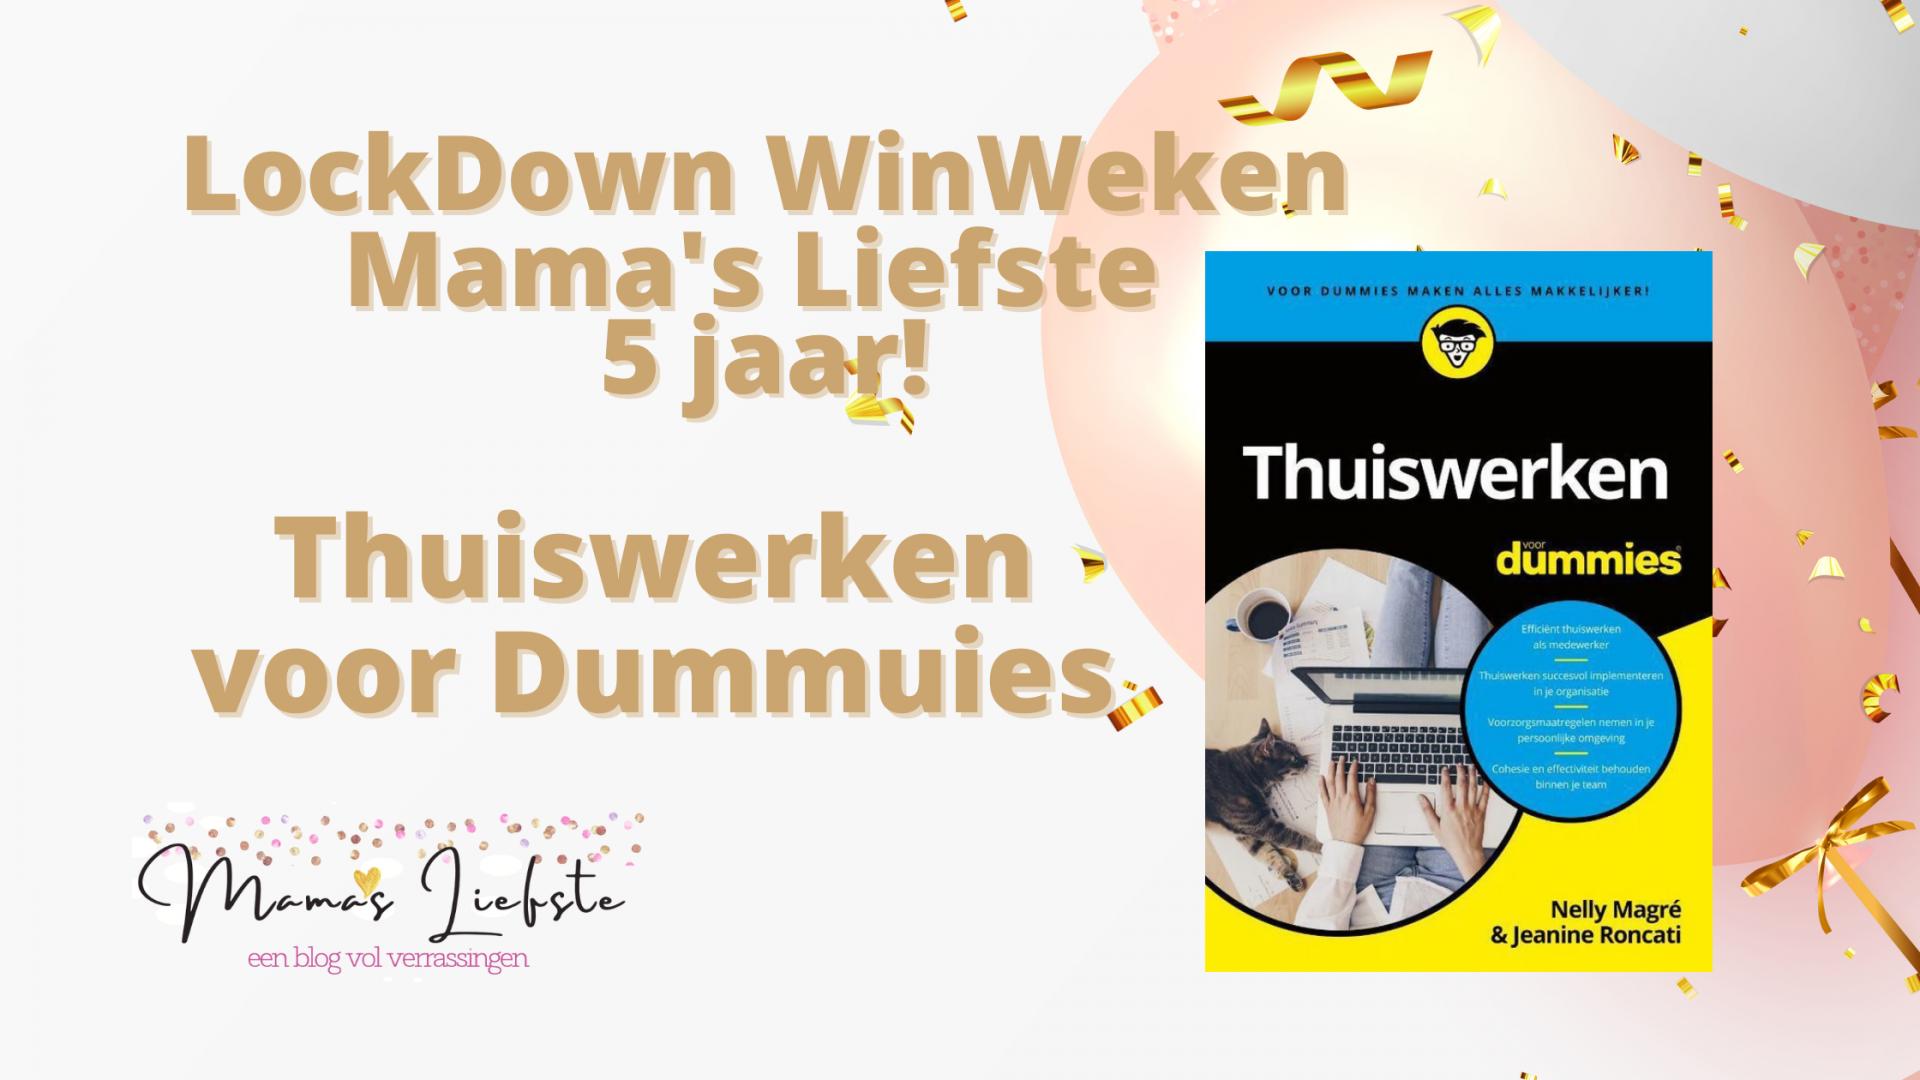 Lockdown winweken & 5 jaar Mama's Liefste | Thuiswerken voor Dummies